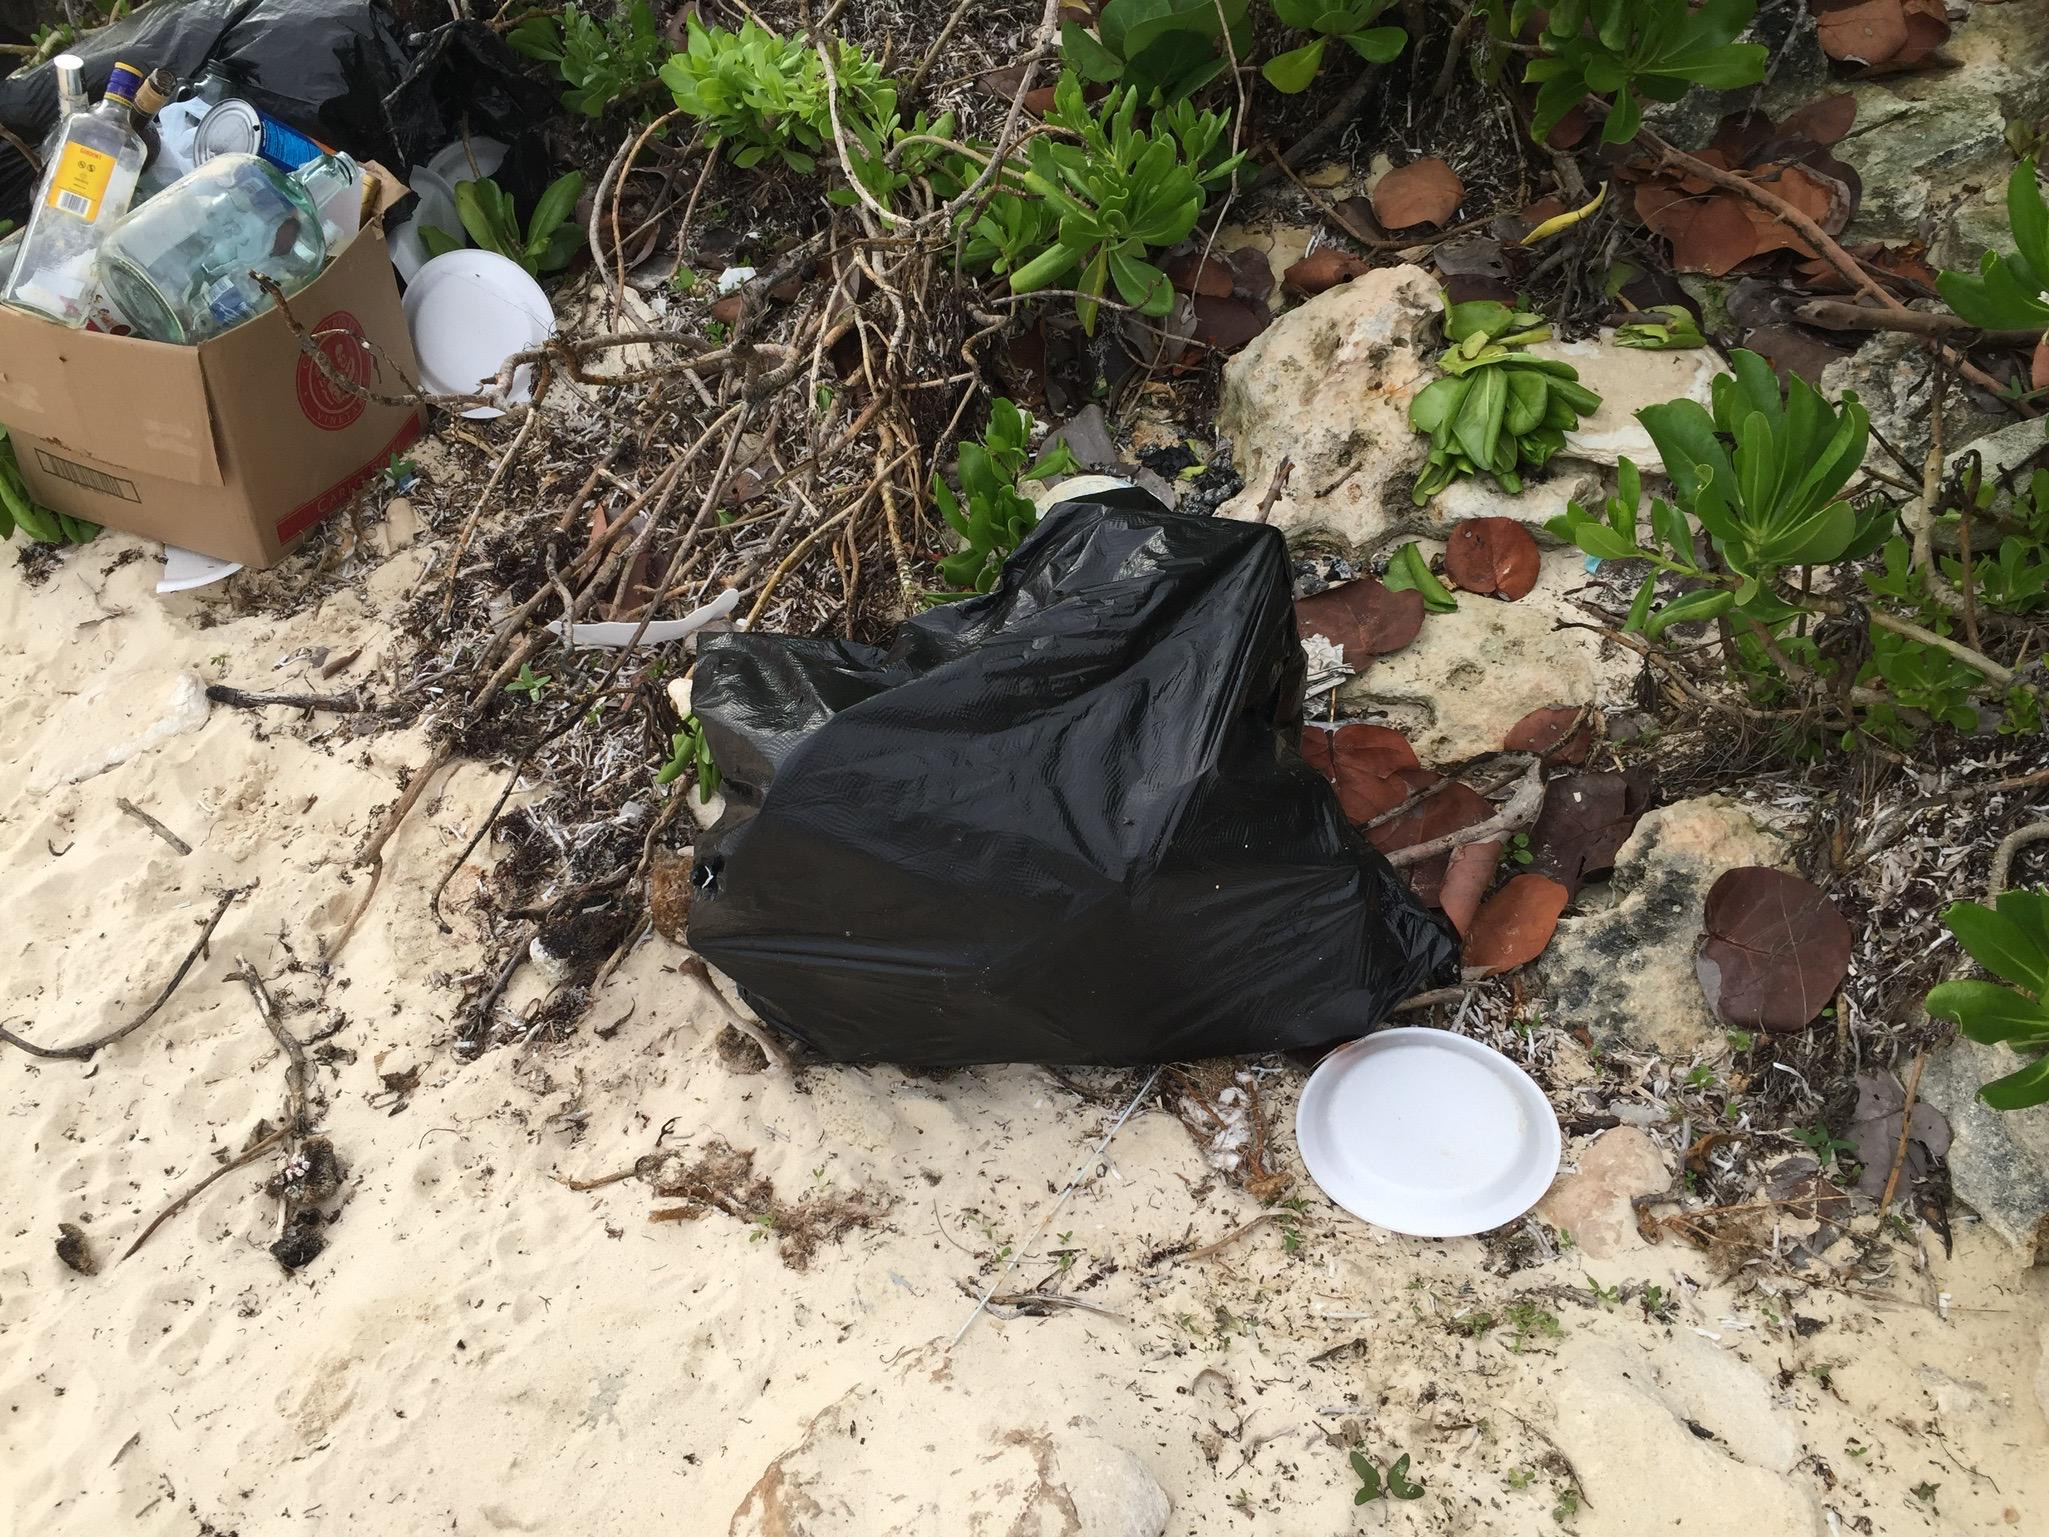 plastic-trash-nassau-bahamas-beach